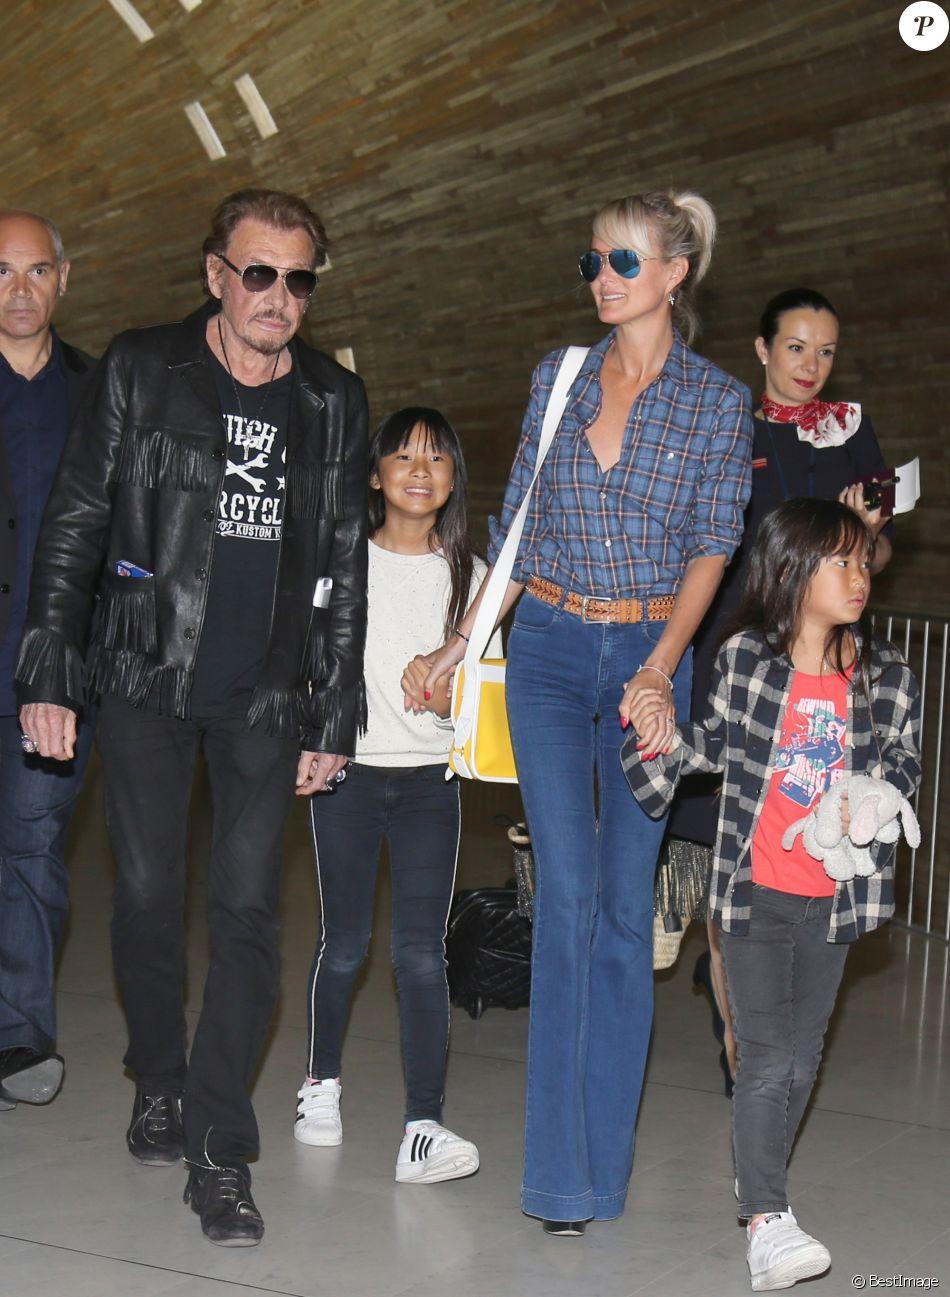 Exclusif - Johnny Hallyday repart en famille avec sa femme Laeticia, ses filles Jade et Joy et Elyette, la grand-mère de Laeticia à Saint-Barthélemy de l'aéroport Roissy Charles de Gaulle le 27 juillet 2016.